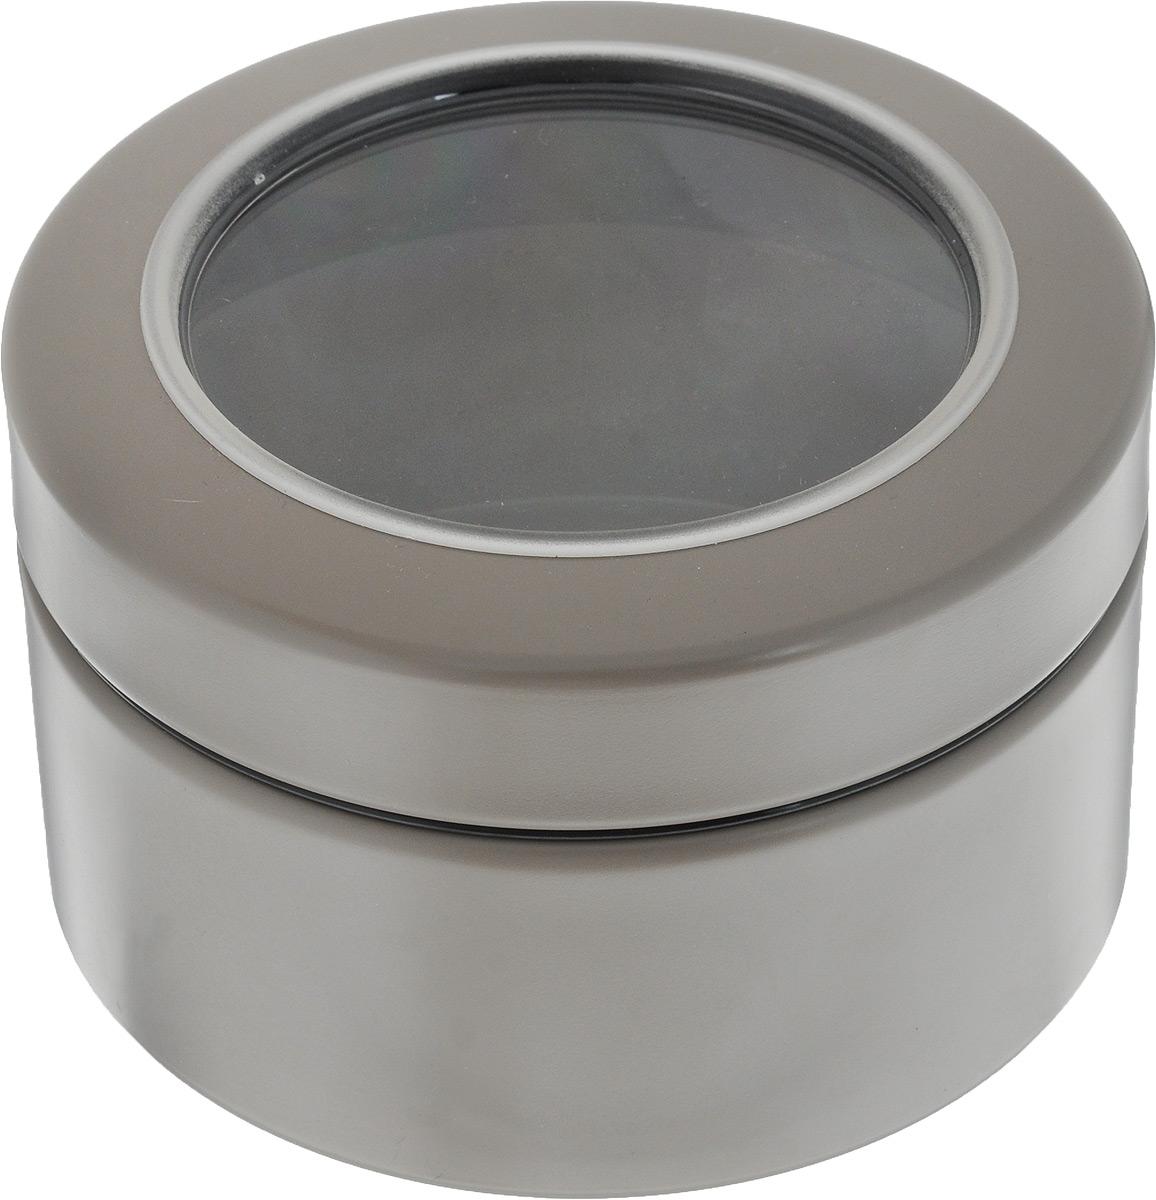 Контейнер Brabantia, цвет: серо-бежевый, 500 мл477980_серо-бежевыйКонтейнер Brabantia прекрасно подойдет для хранения сладостей. Он изготовлен из нержавеющей стали. Контейнер оснащен крышкой с прозрачной вставкой из стекла, благодаря которой вы можете видеть содержимое. Удобный и легкий контейнер позволит вам хранить всевозможные сладости, а благодаря современному дизайну он впишется в любой интерьер.